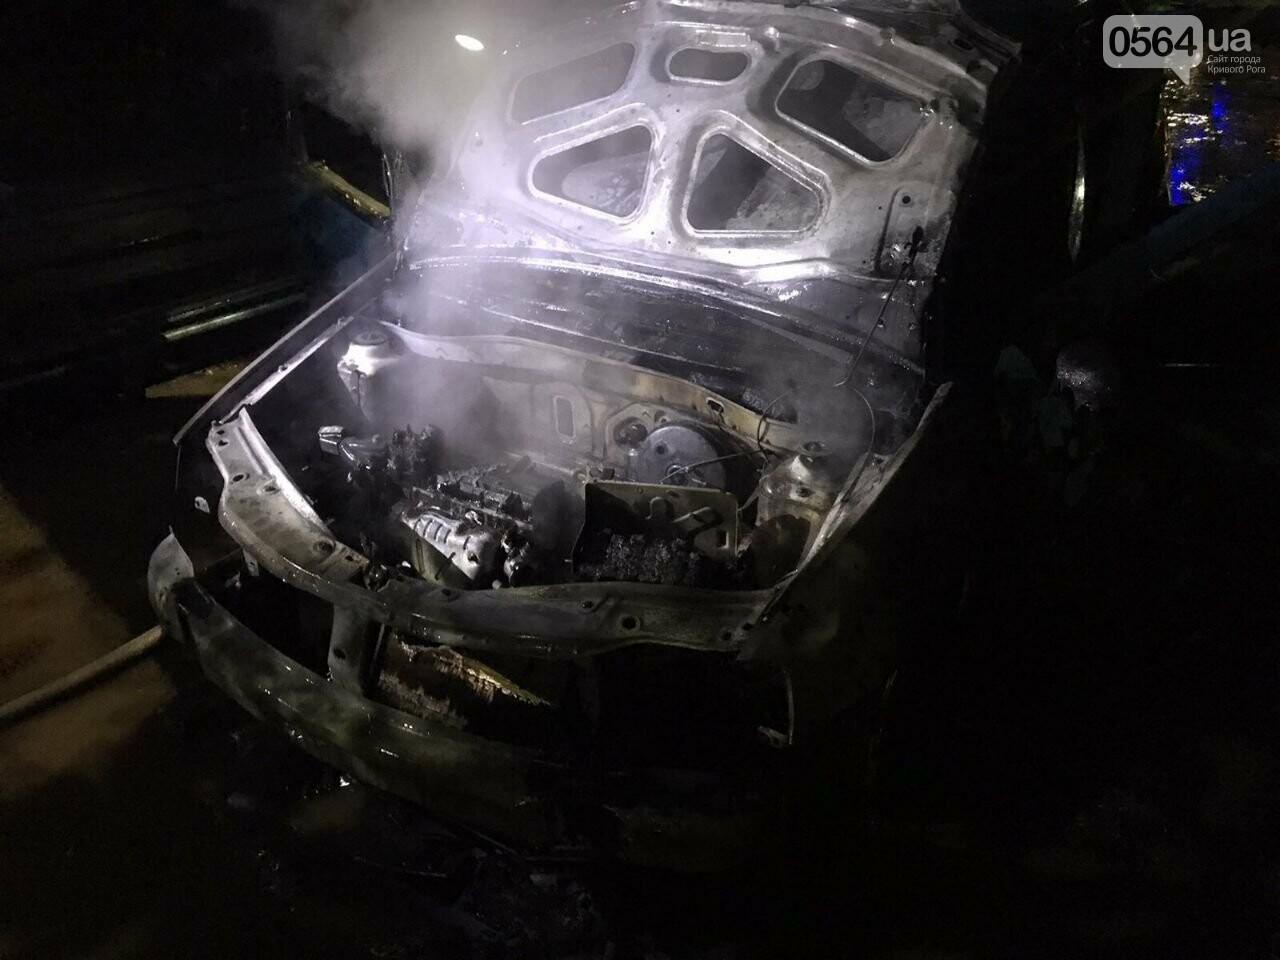 Ночью в Кривом Роге горел автомобиль, - ФОТО, фото-3